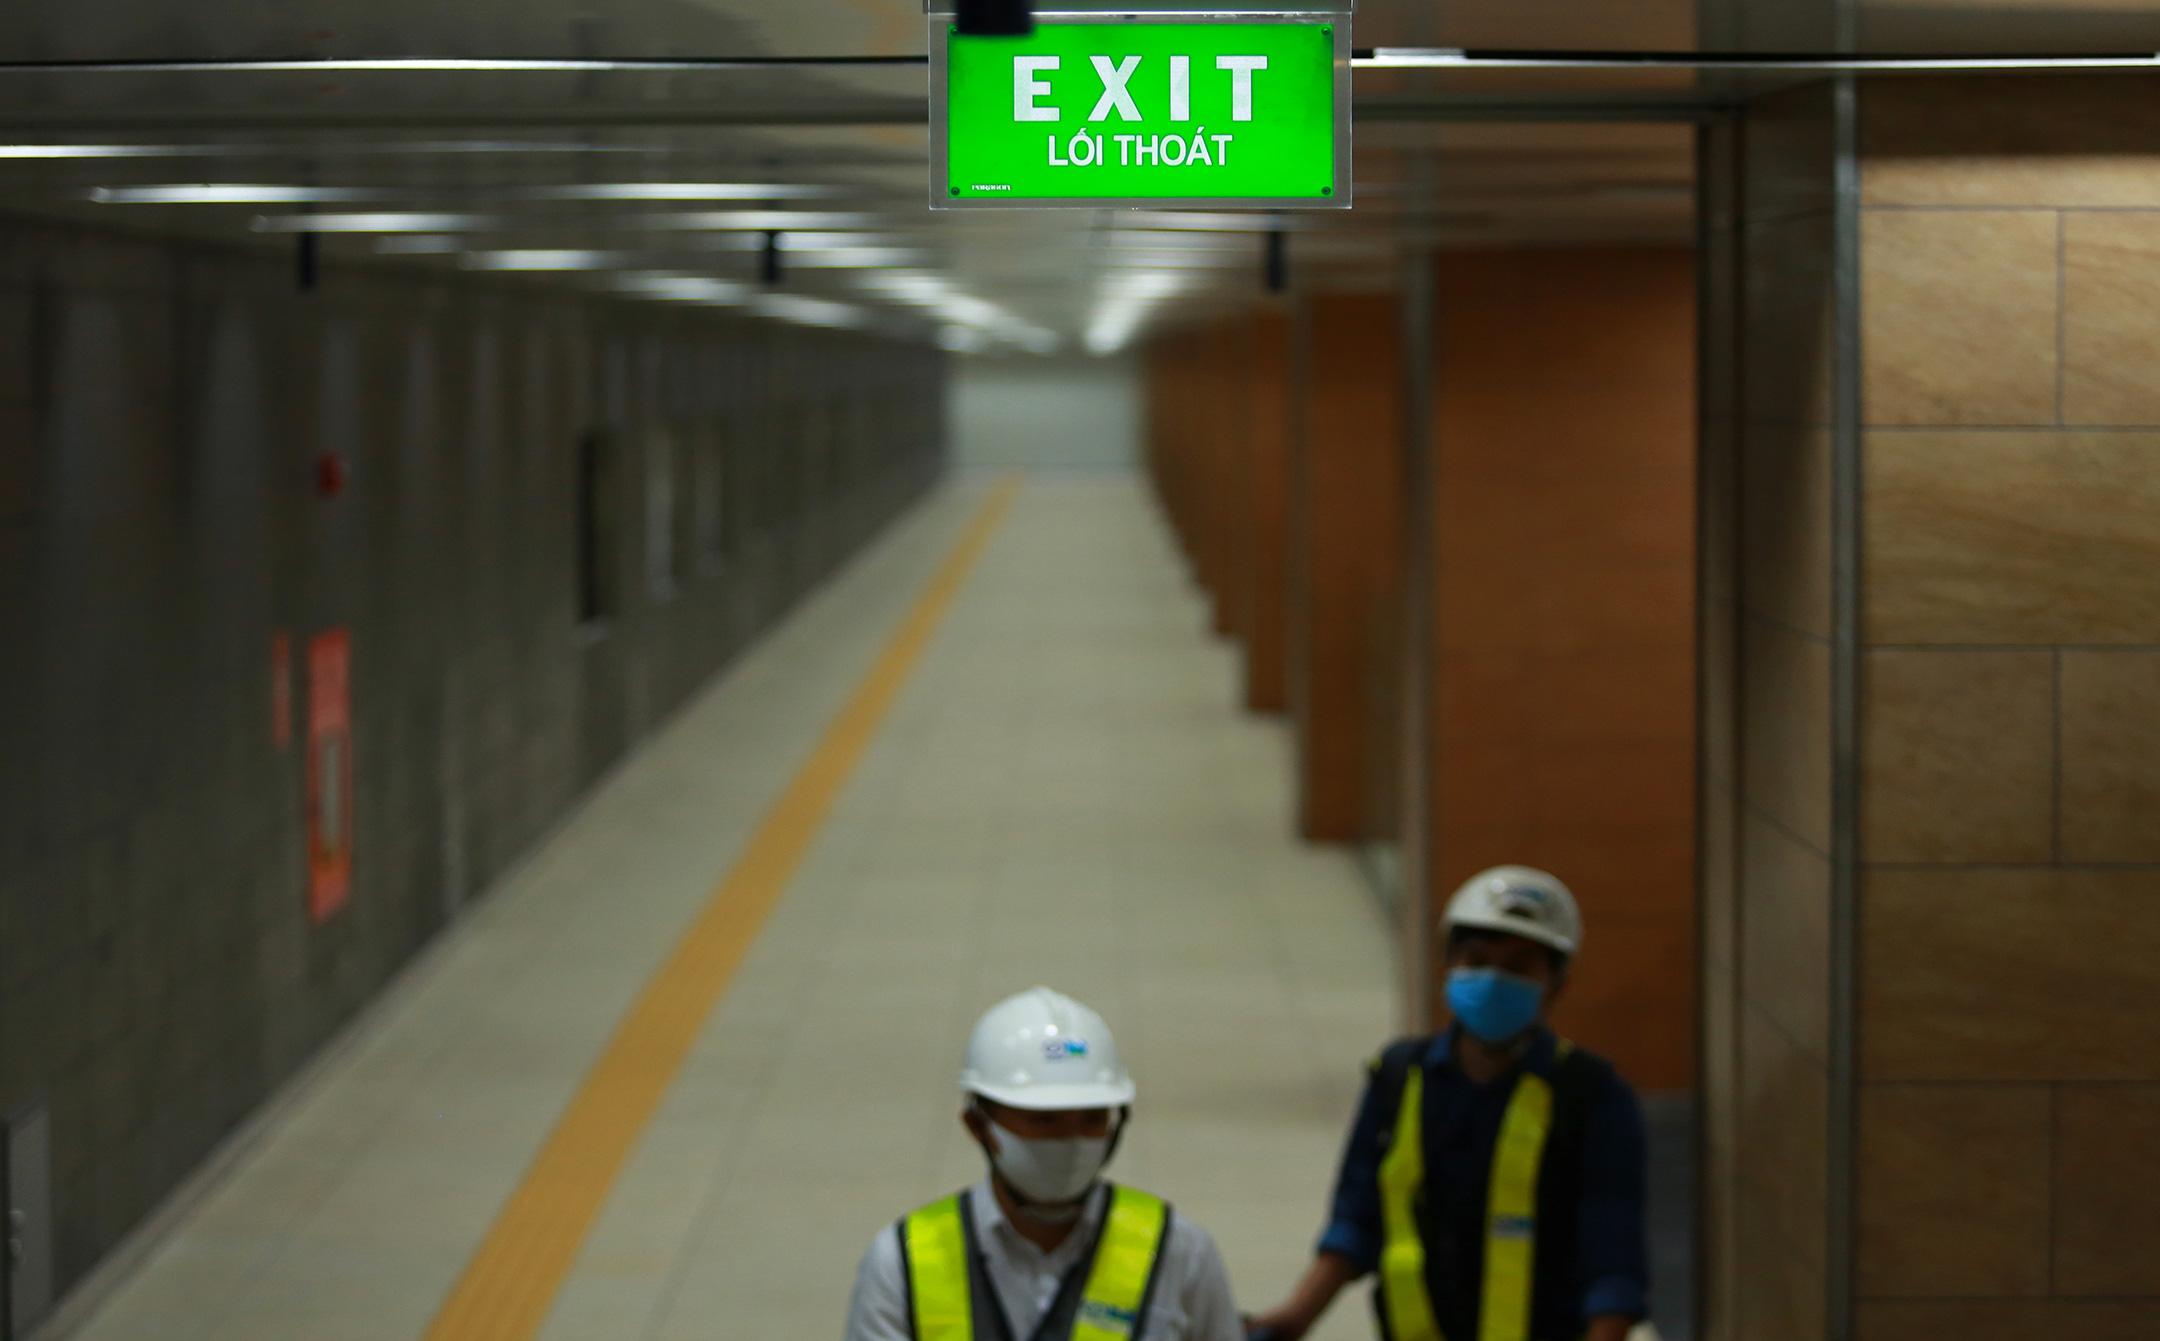 Ga ngầm 4 tầng đầu tiên của Metro TP.HCM sắp hoàn thiện, nằm sát bên Nhà hát thành phố - Ảnh 15.